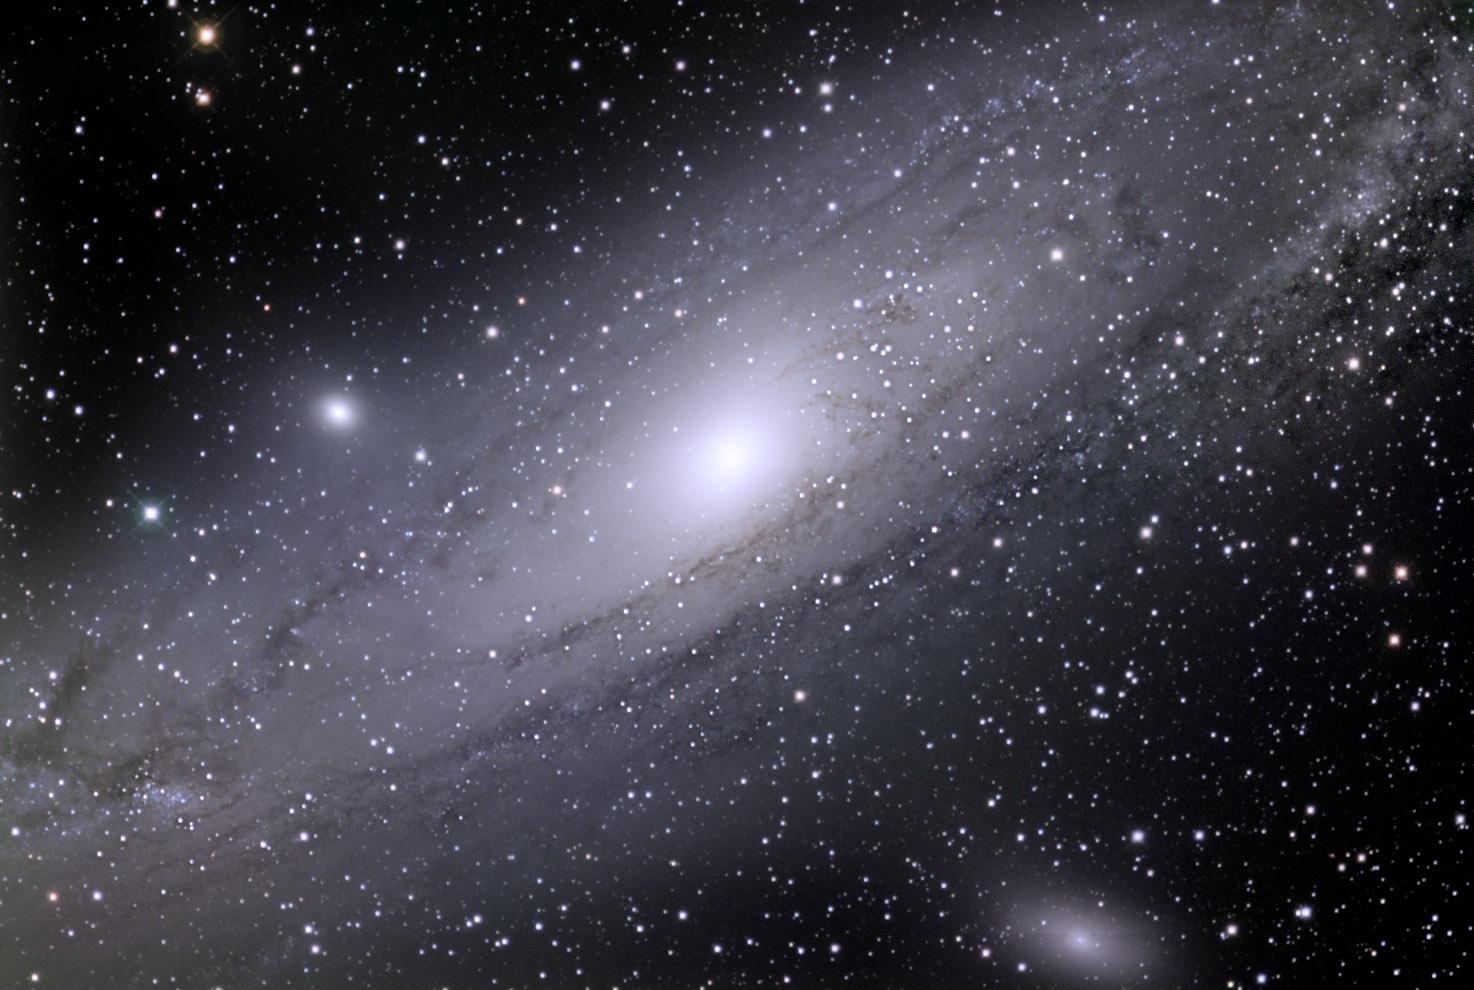 Фото галактики туманность андромеды